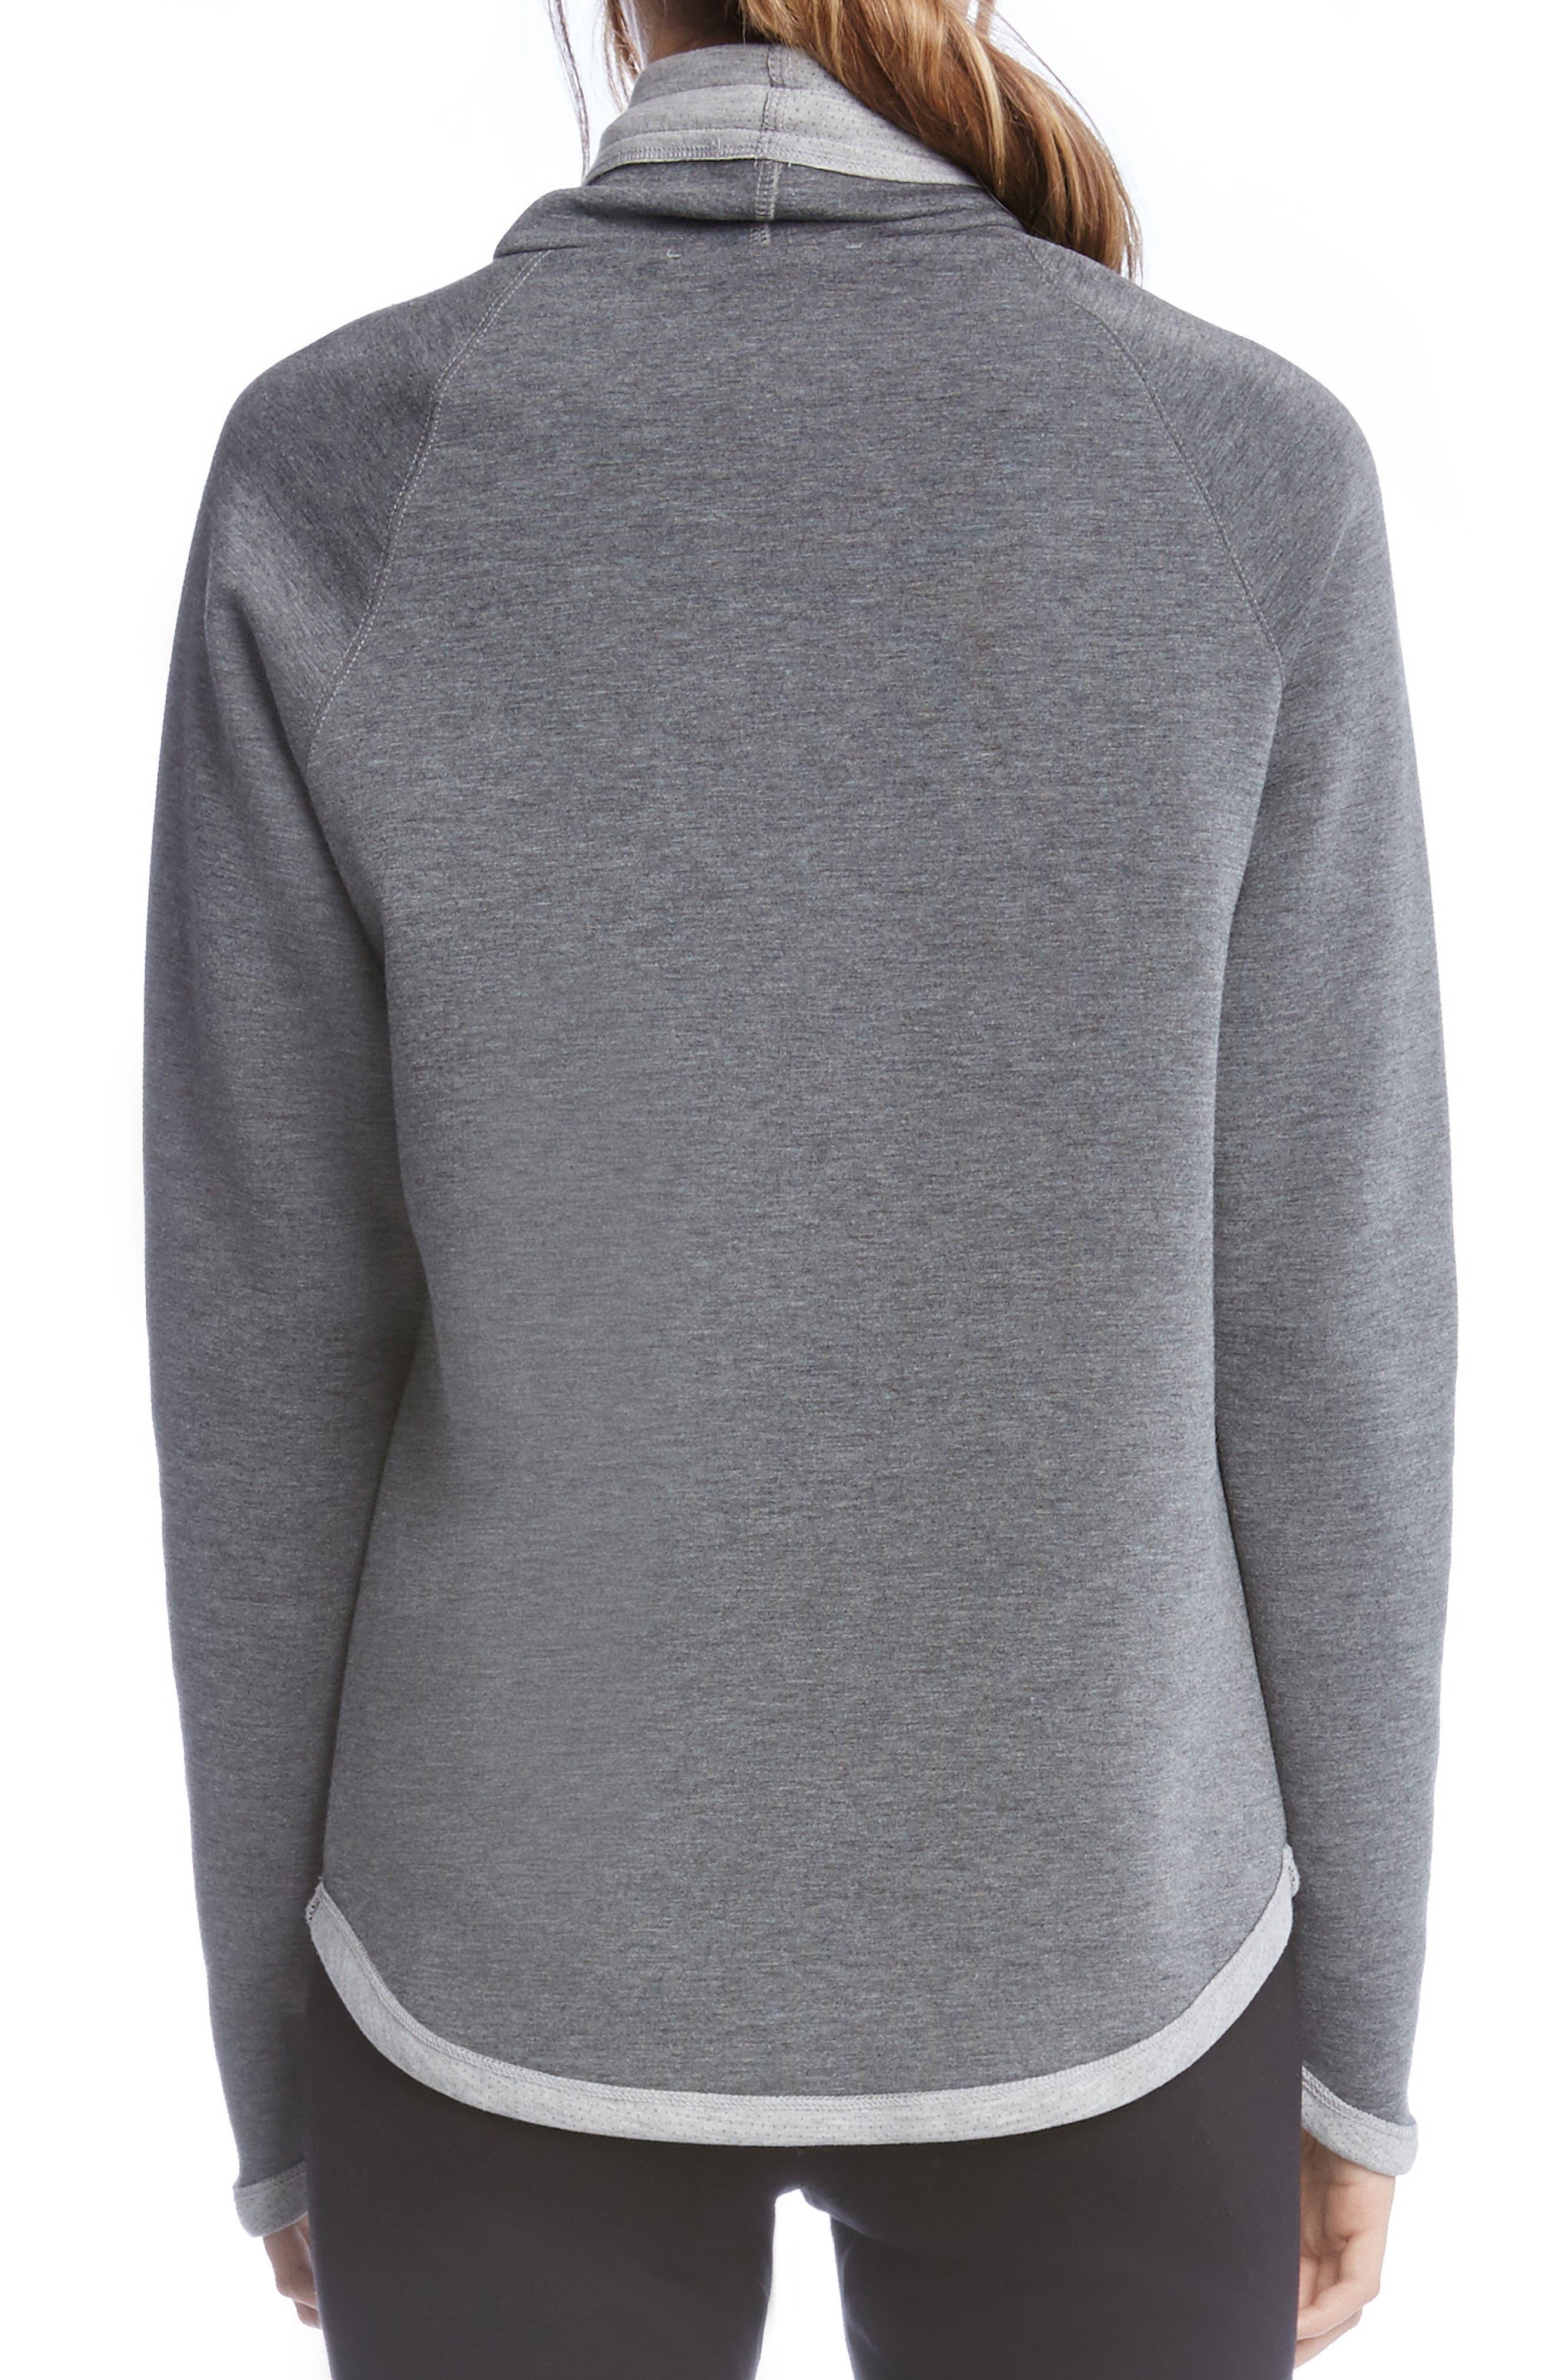 Alternate Image 3  - Karen Kane Drawstring Neck Contrast Trim Sweatshirt